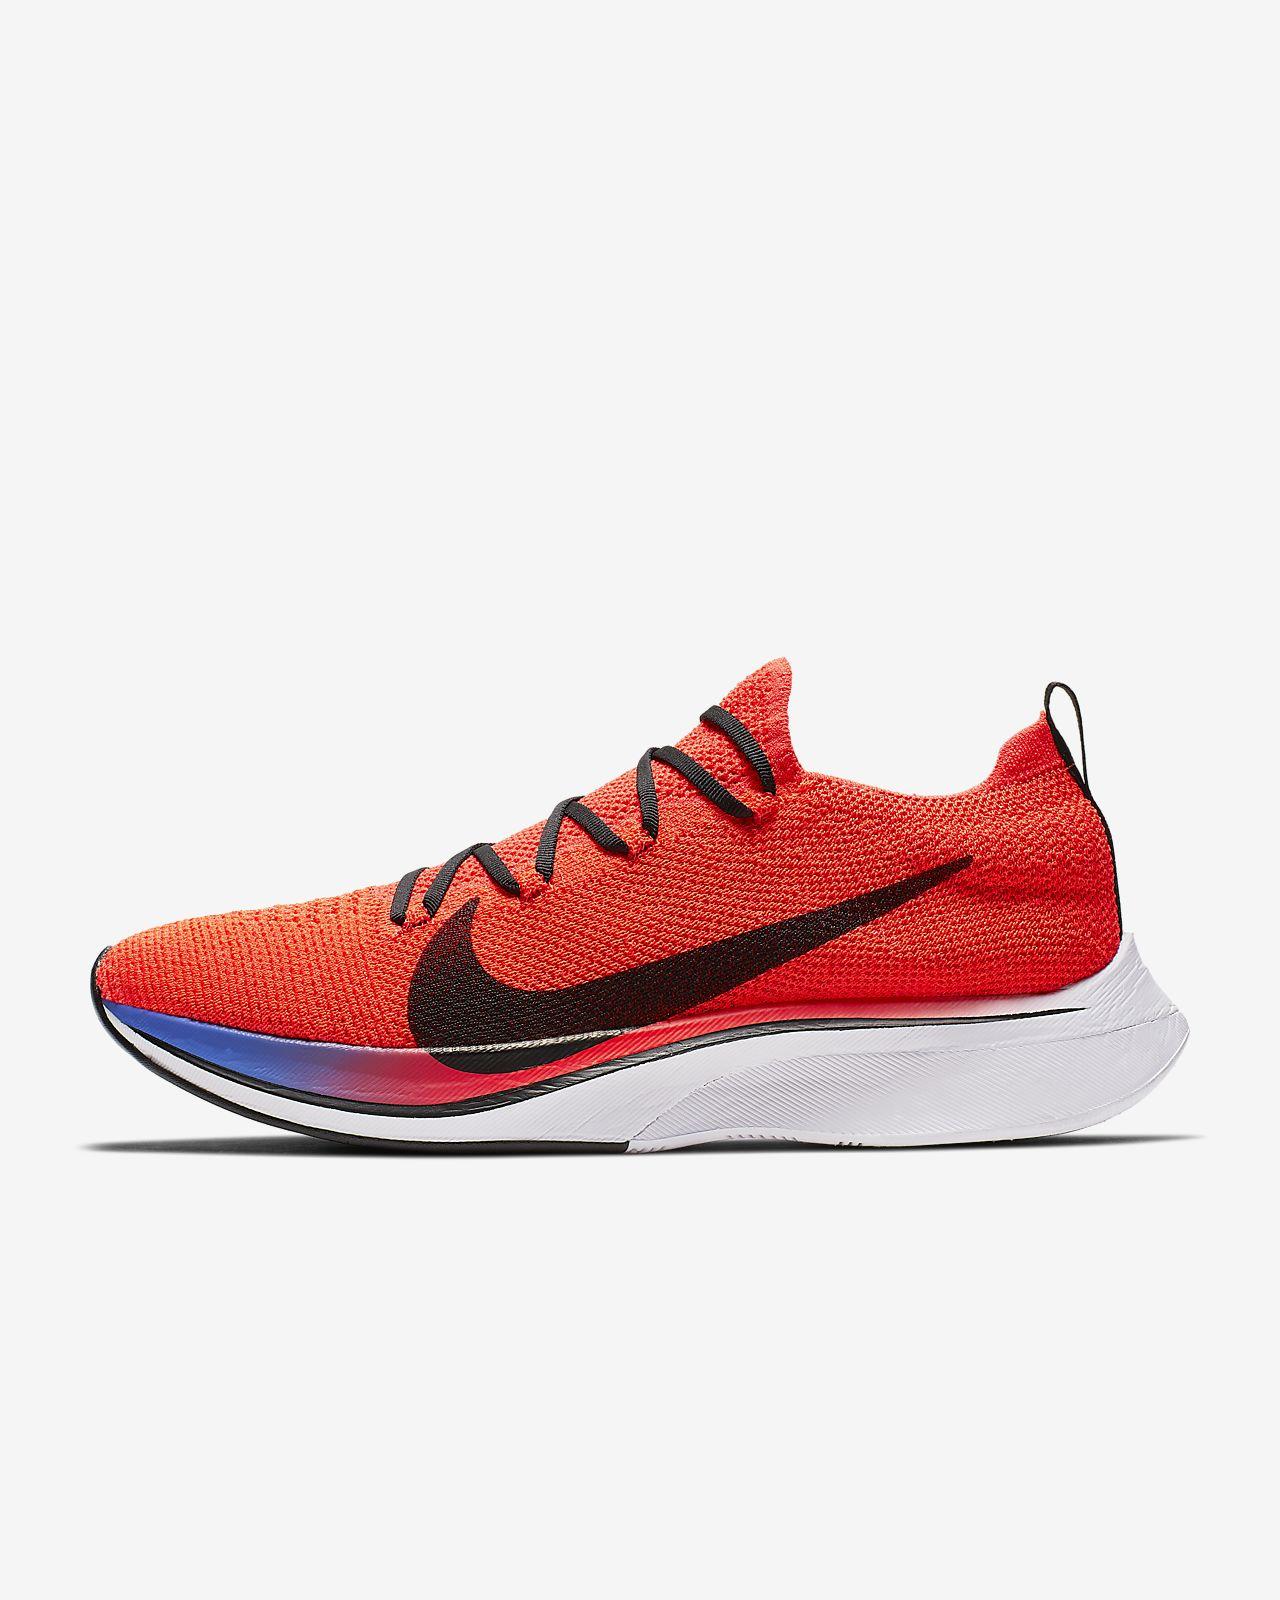 498c2915a23 Calzado de running Nike Vaporfly 4% Flyknit. Nike.com MX